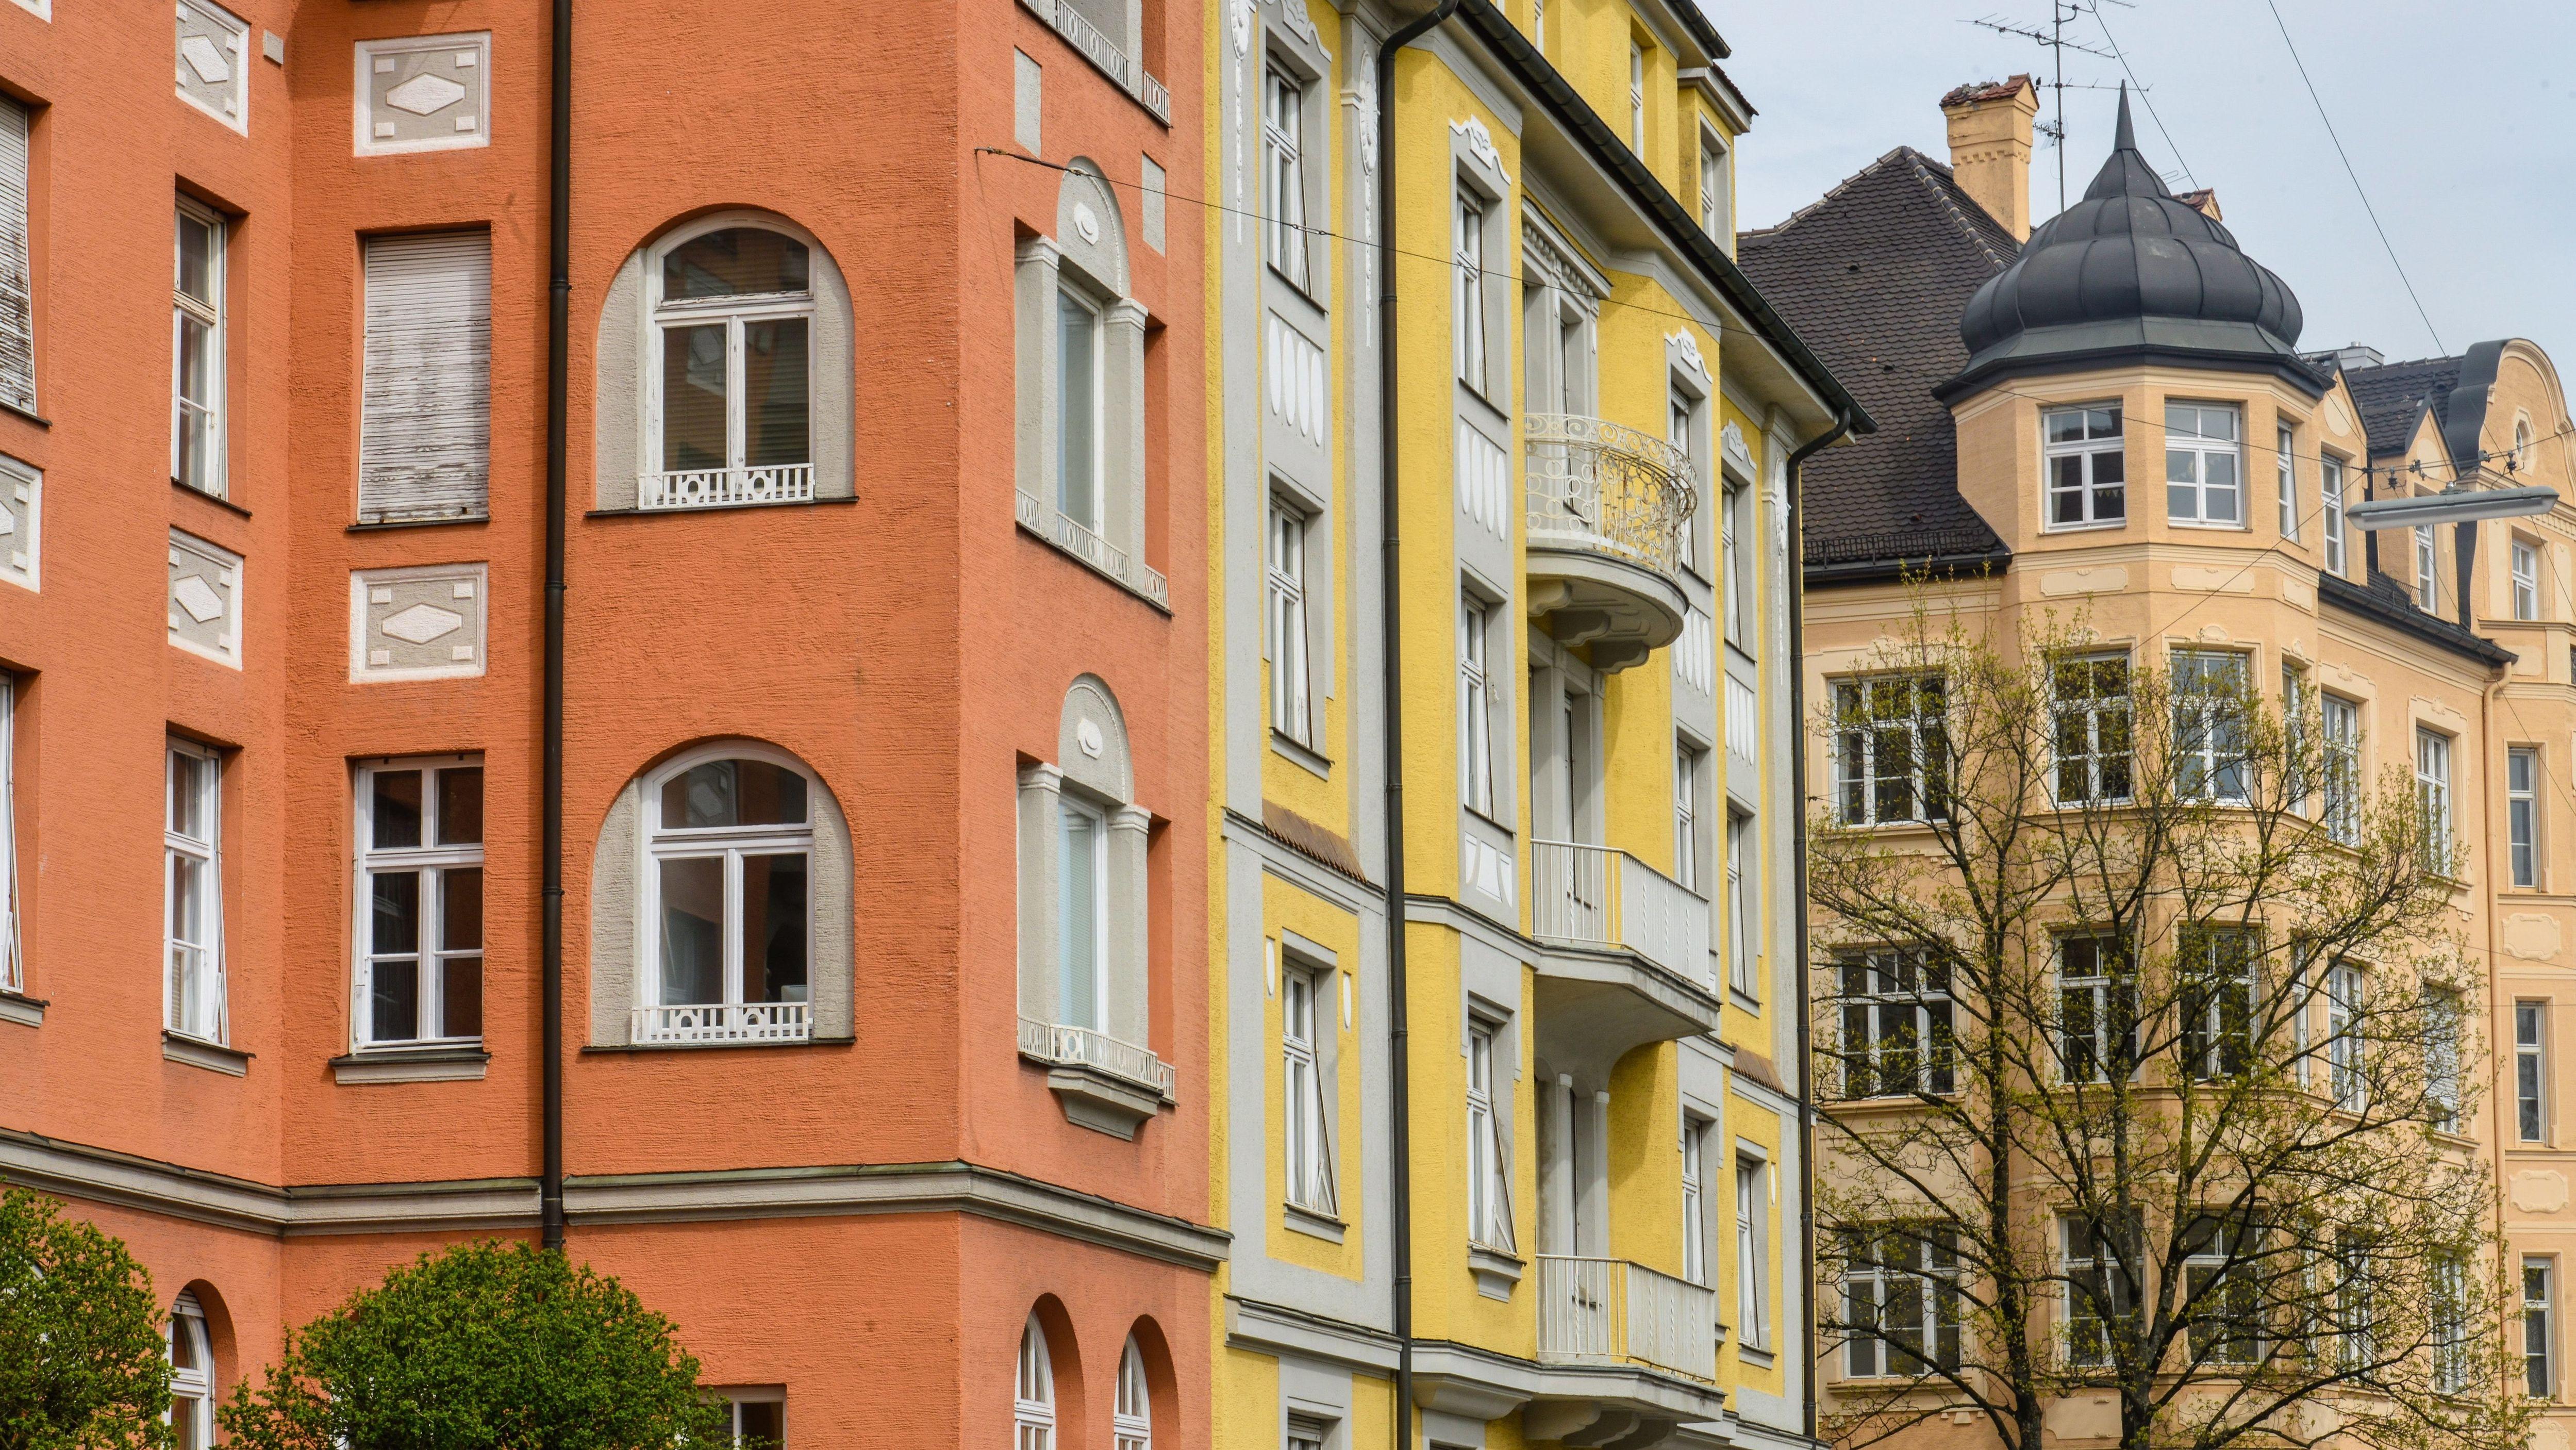 Altbauten in Schwabing